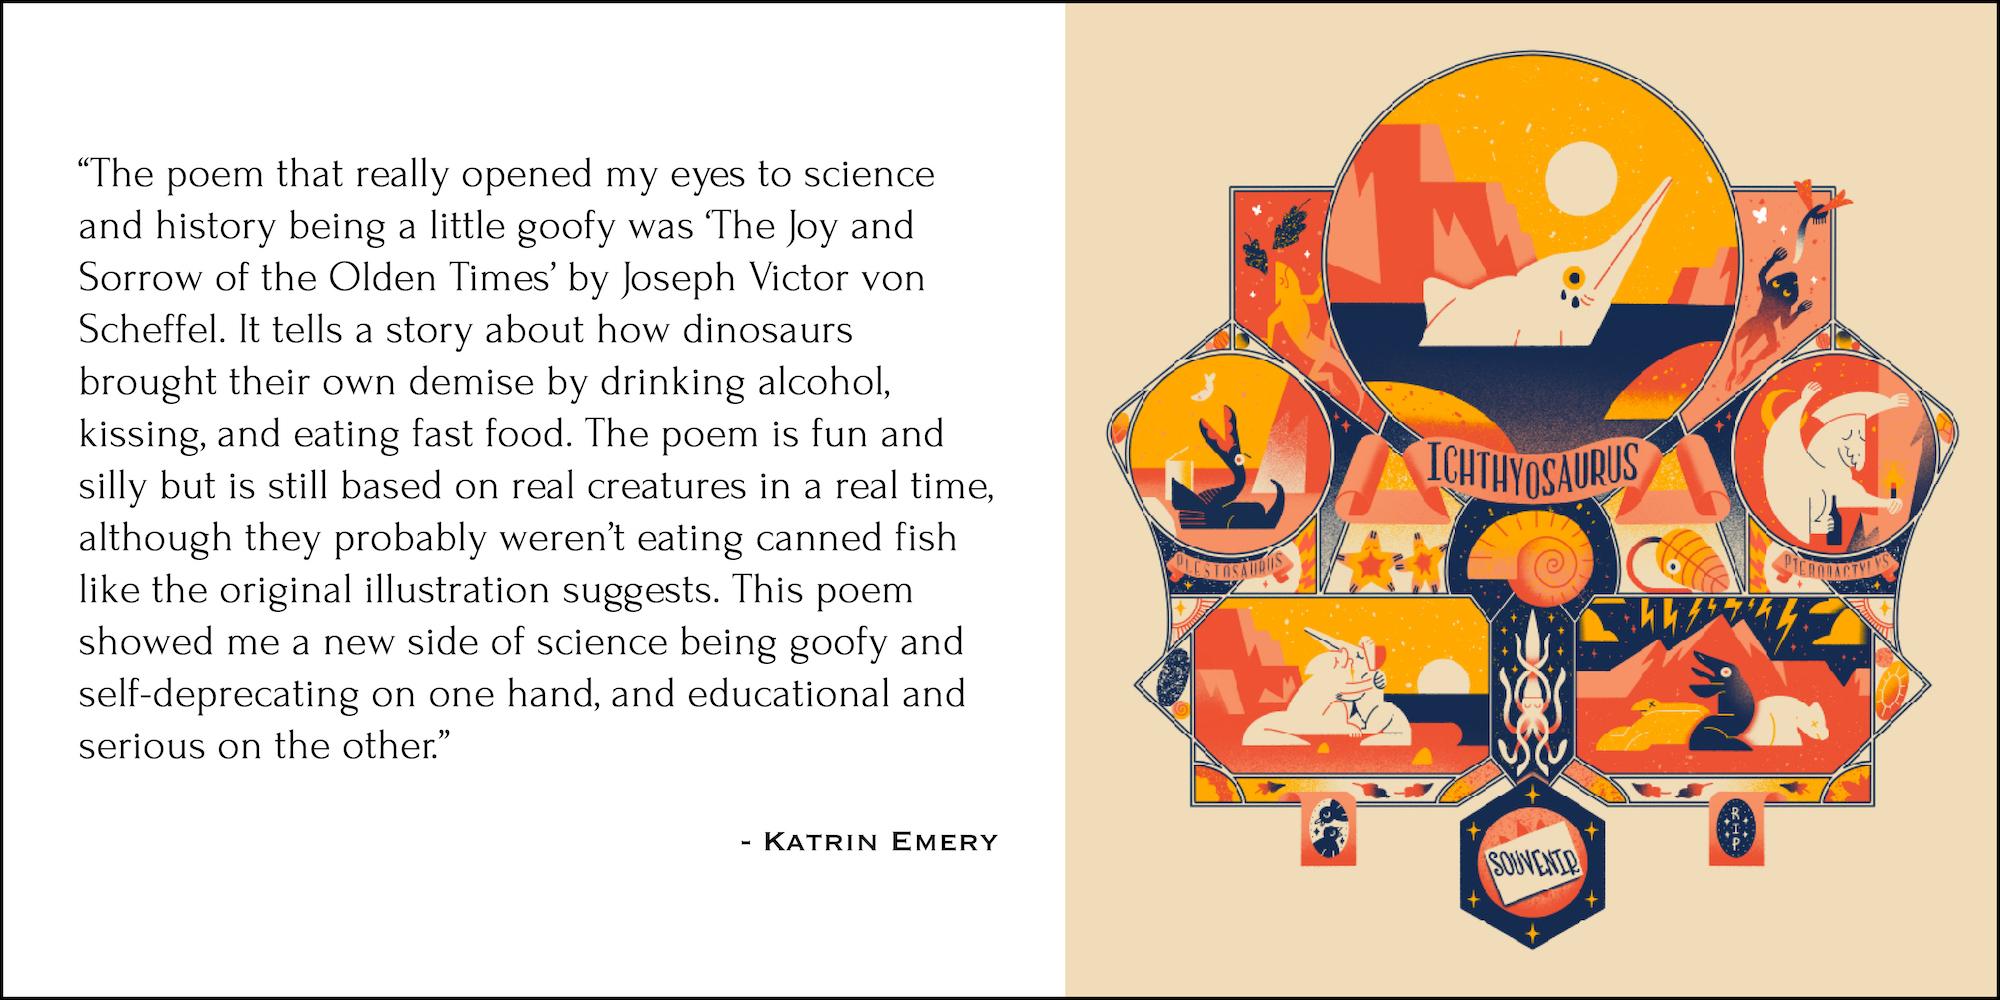 Artwork by Katrin Emery